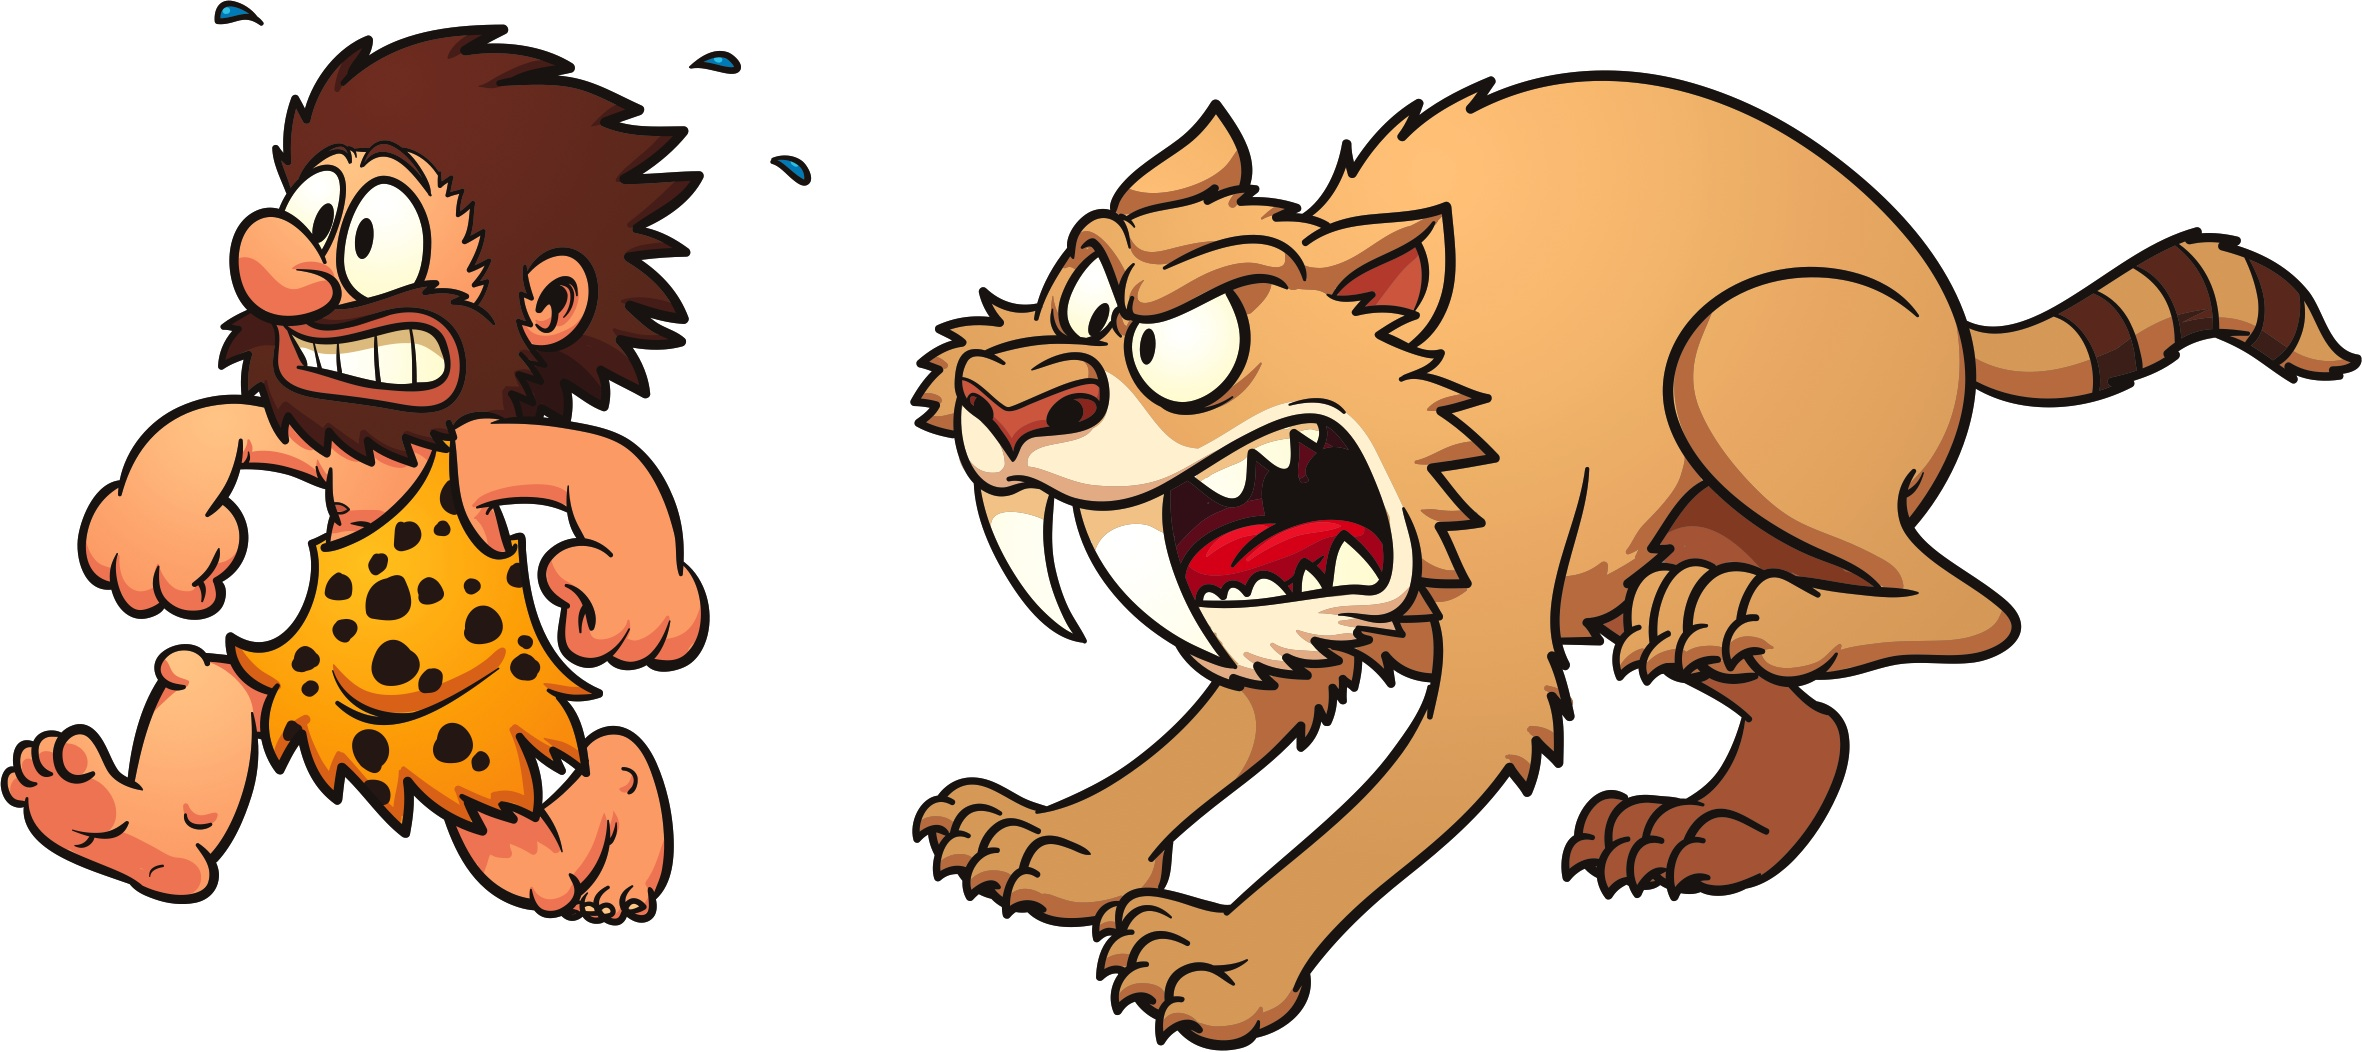 caveman tiger fight or flight (flight).jpg